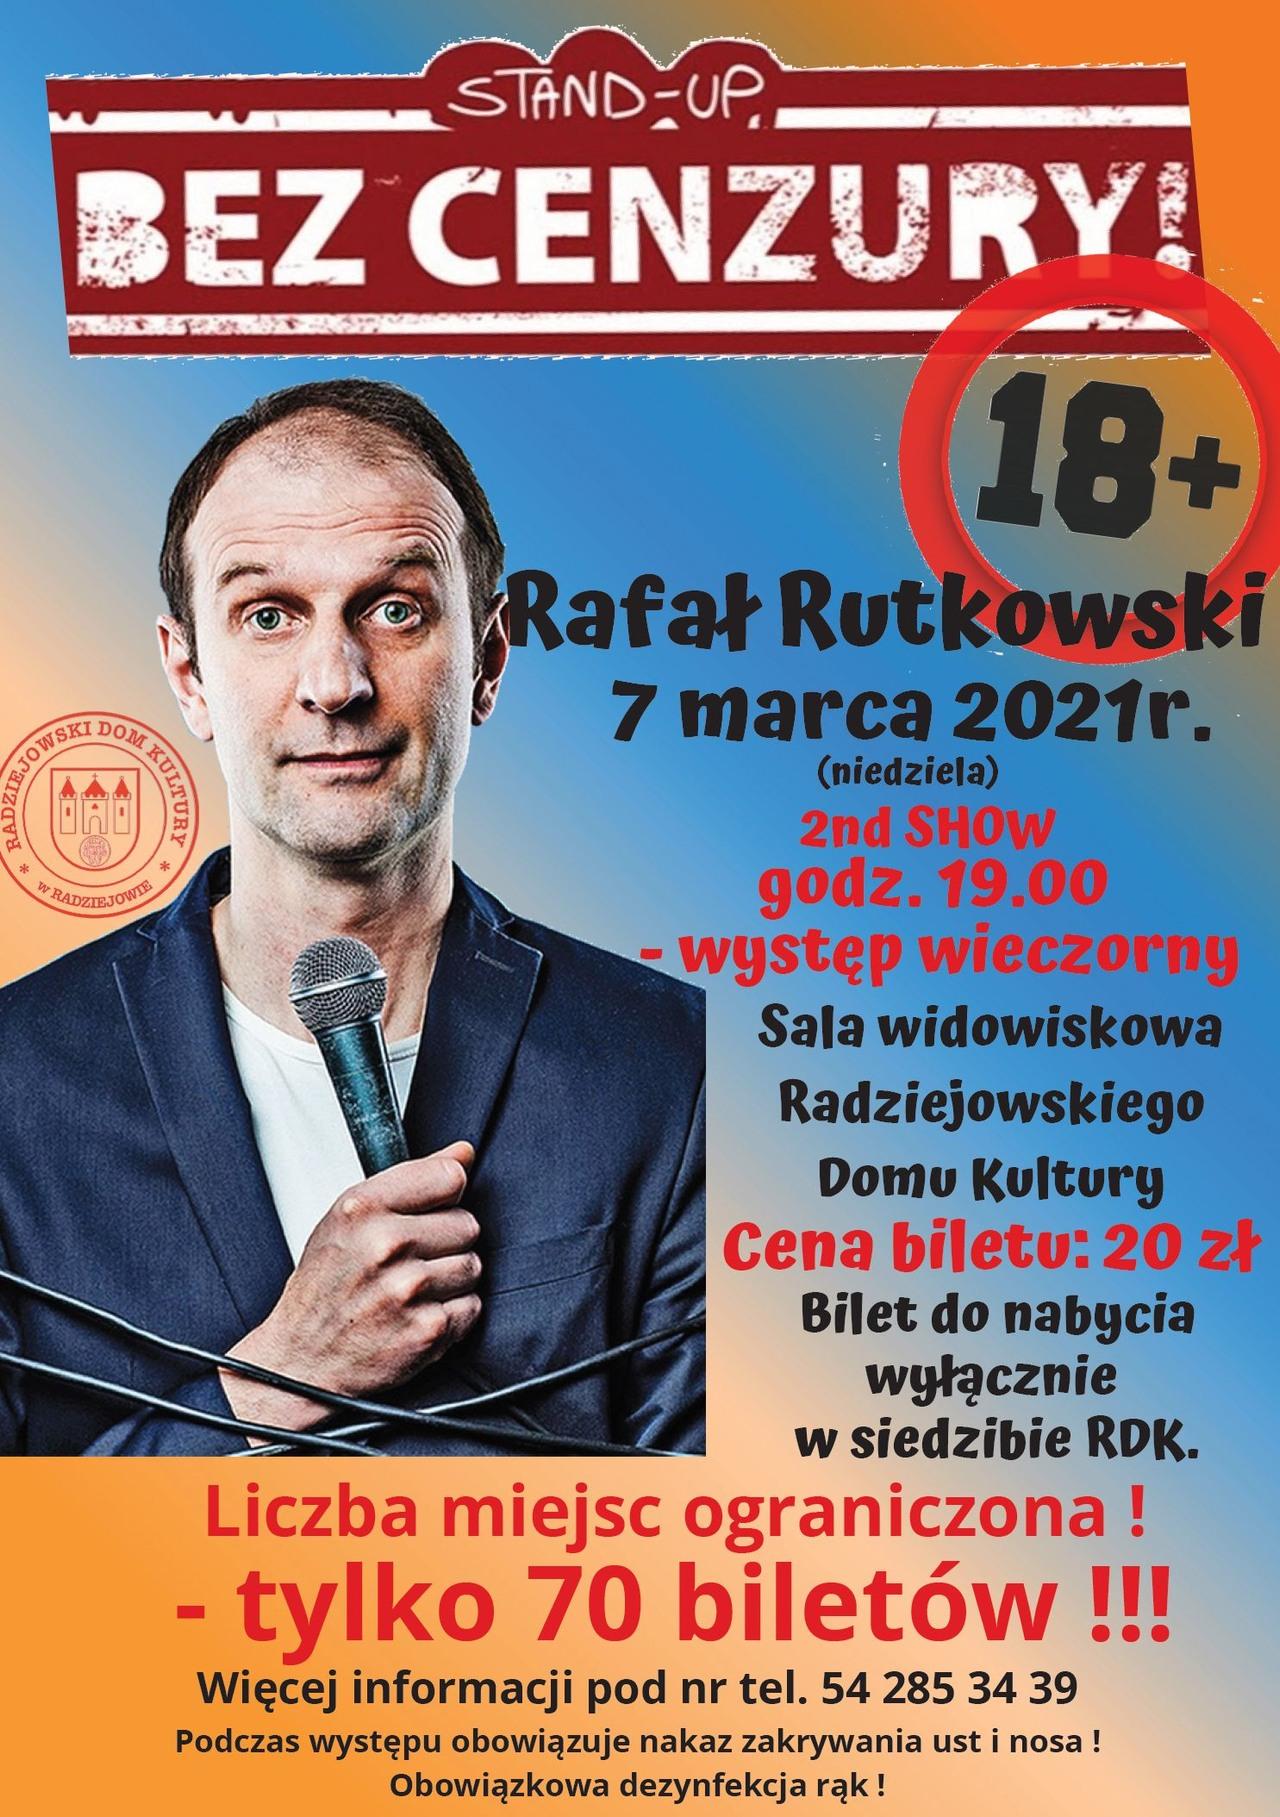 Stand-Up Rafała Rutkowskiego